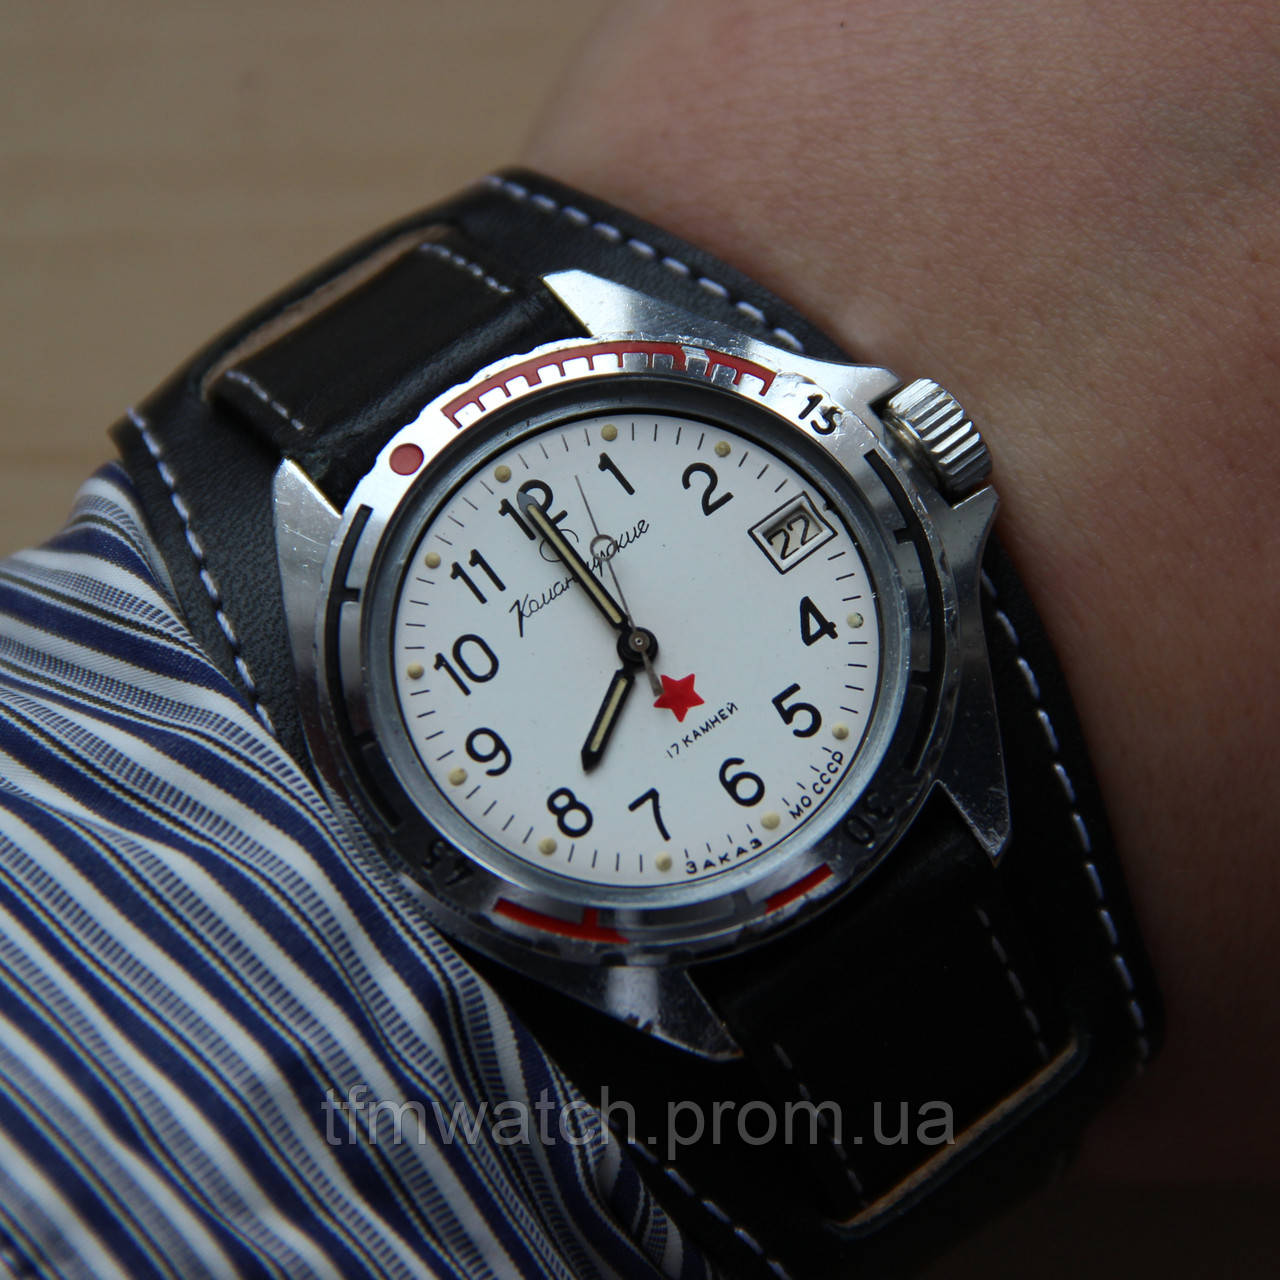 Купить настоящие командирские часы ссср ситизен наручные часы